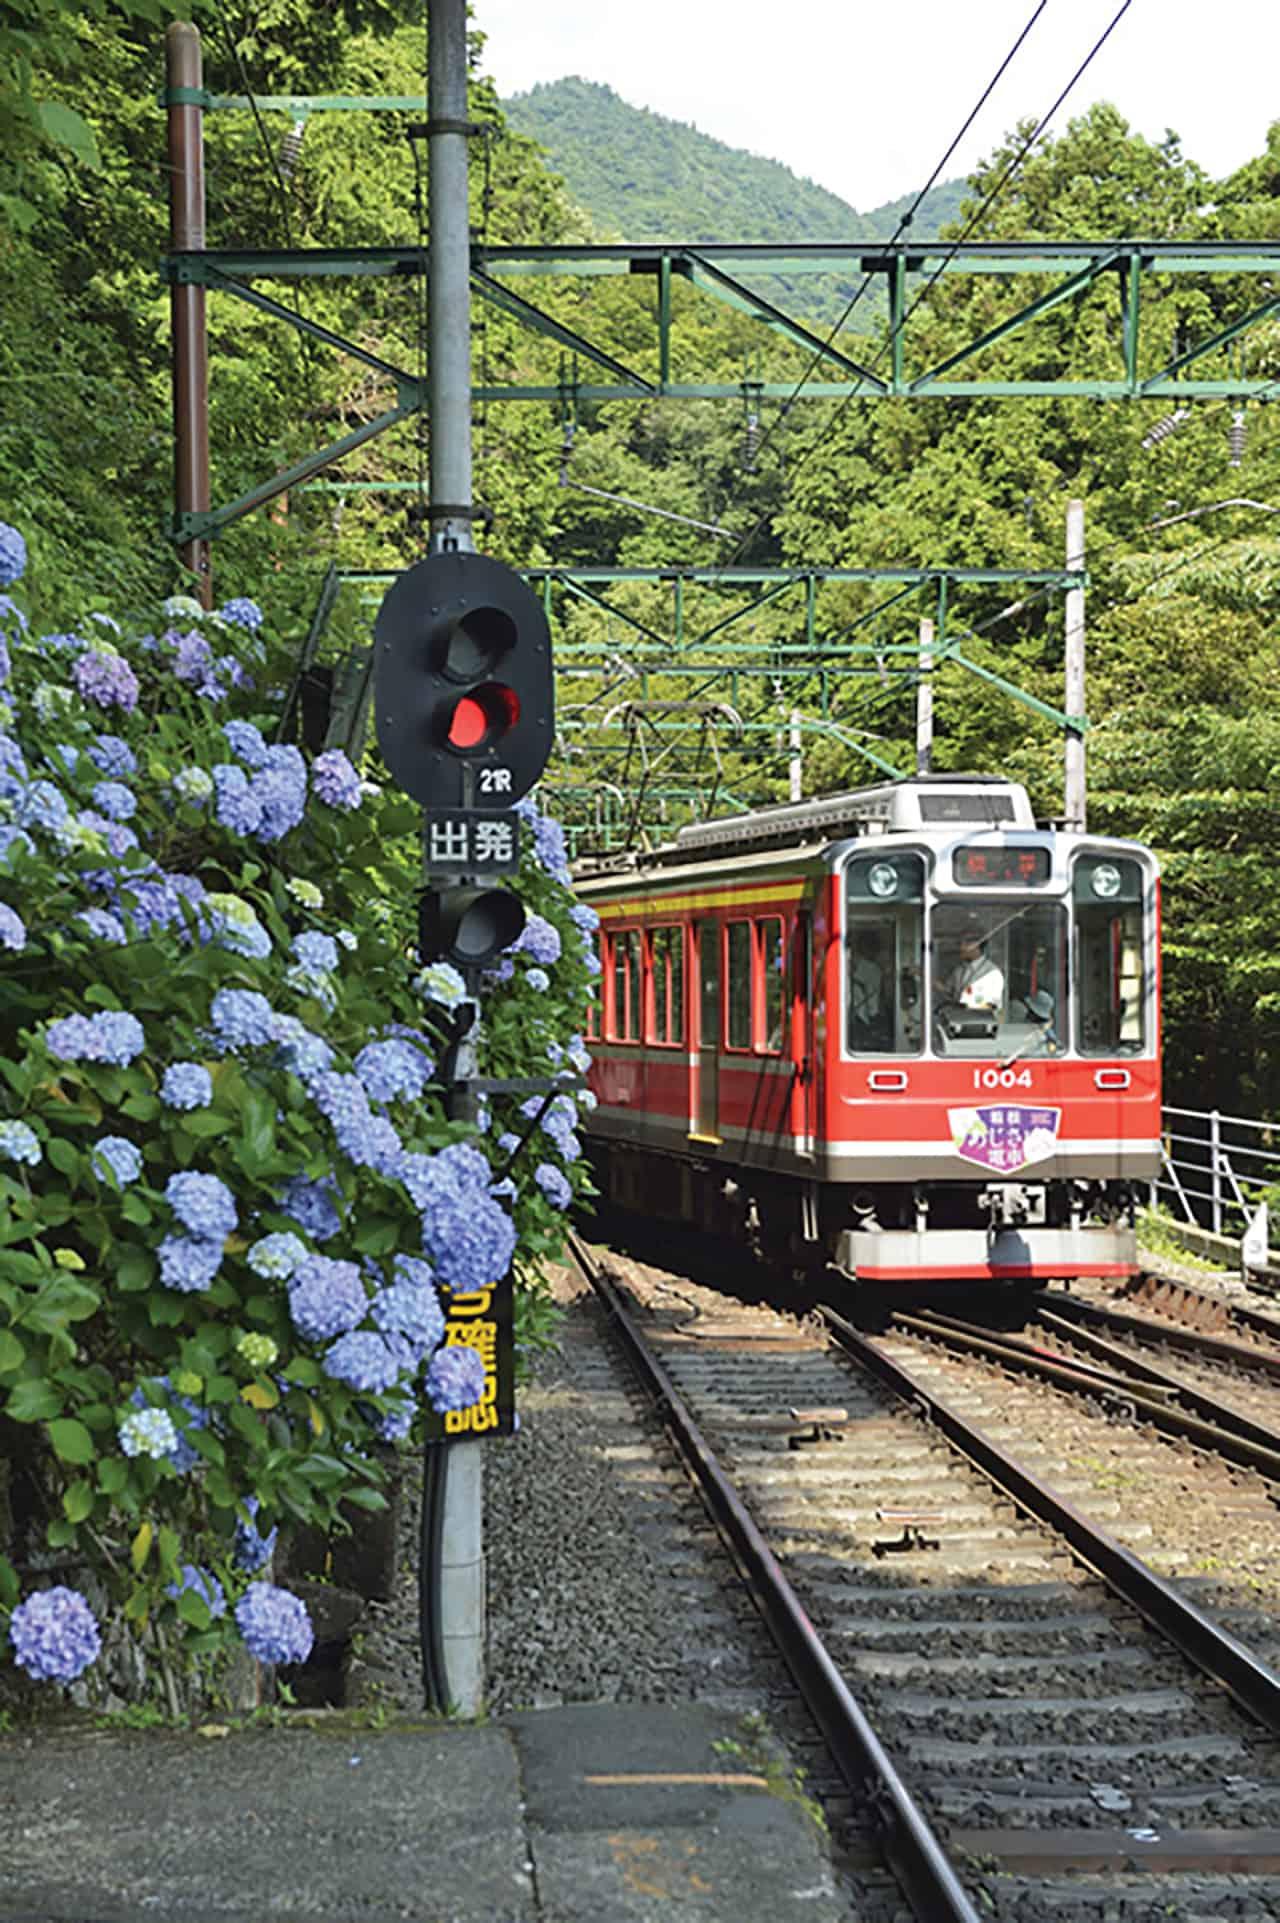 Hakone Kamakura Pass: เมืองฮาโกเน่มีเส้นทางรถไฟสายดอกไฮเดรนเยีย (Hydrangea Train หรือ Ajisai Train)